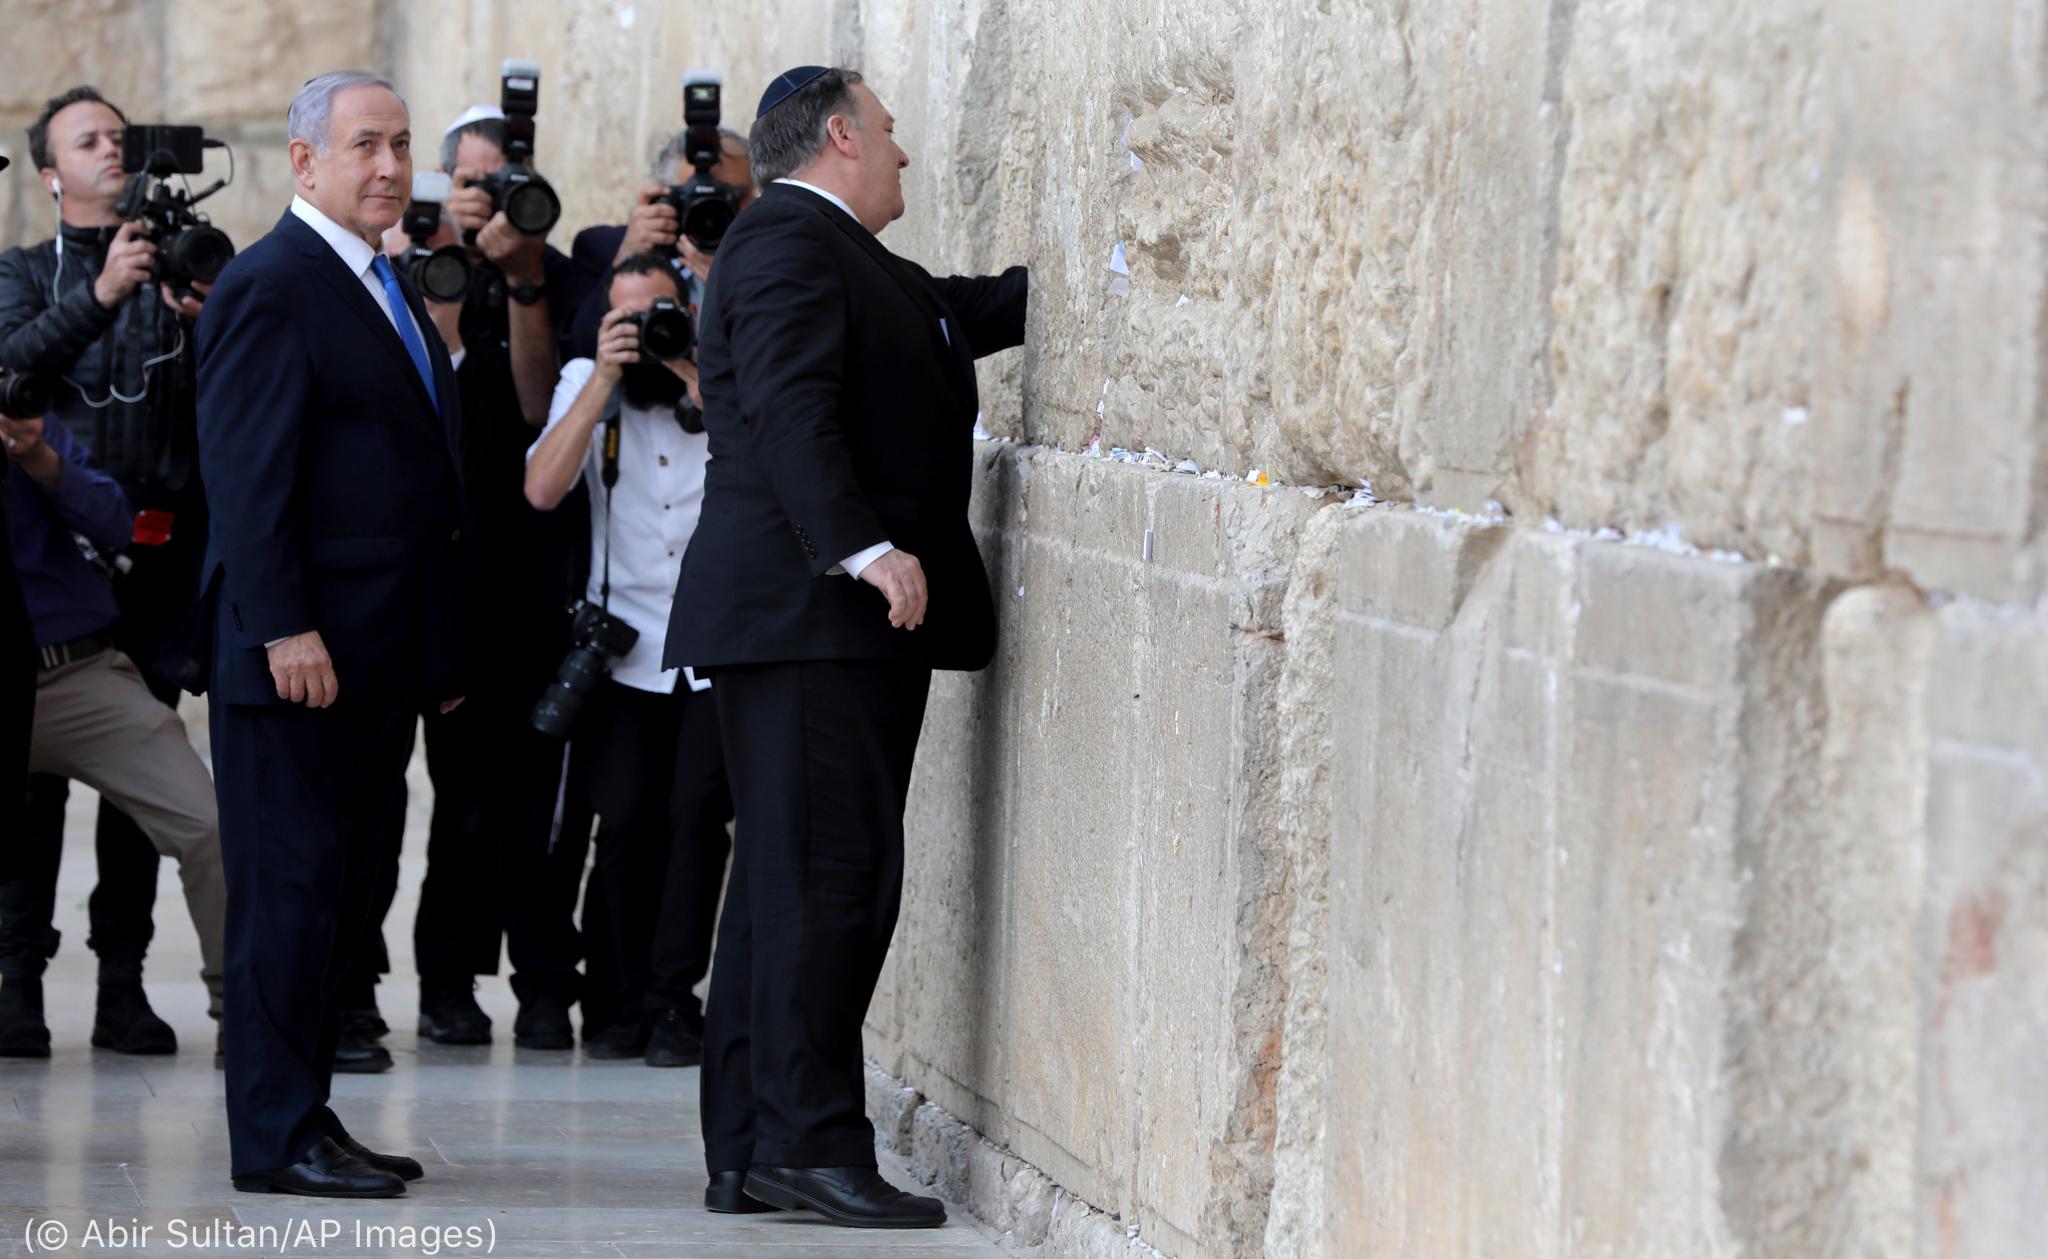 Secretário Pompeo estende o braço para tocar um muro de pedra (© Abir Sultan/AP Images)